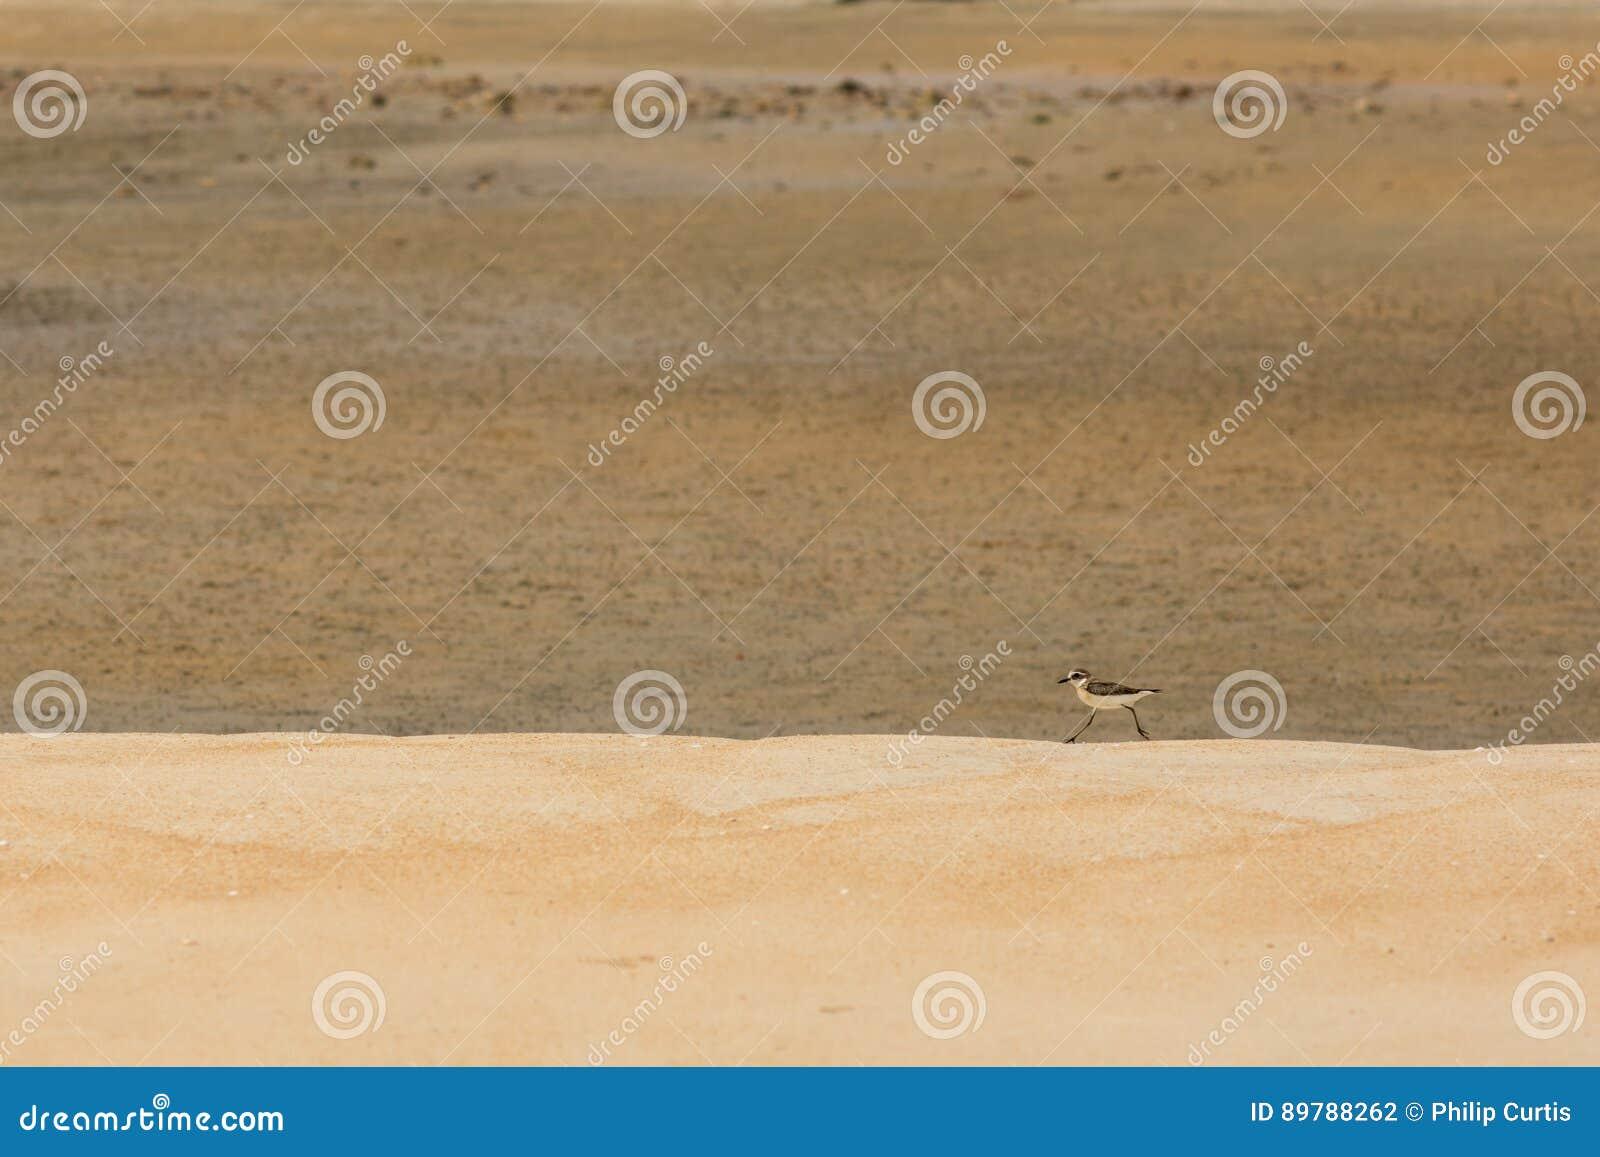 Caça do borrelho para o alimento em uma praia dourada da areia